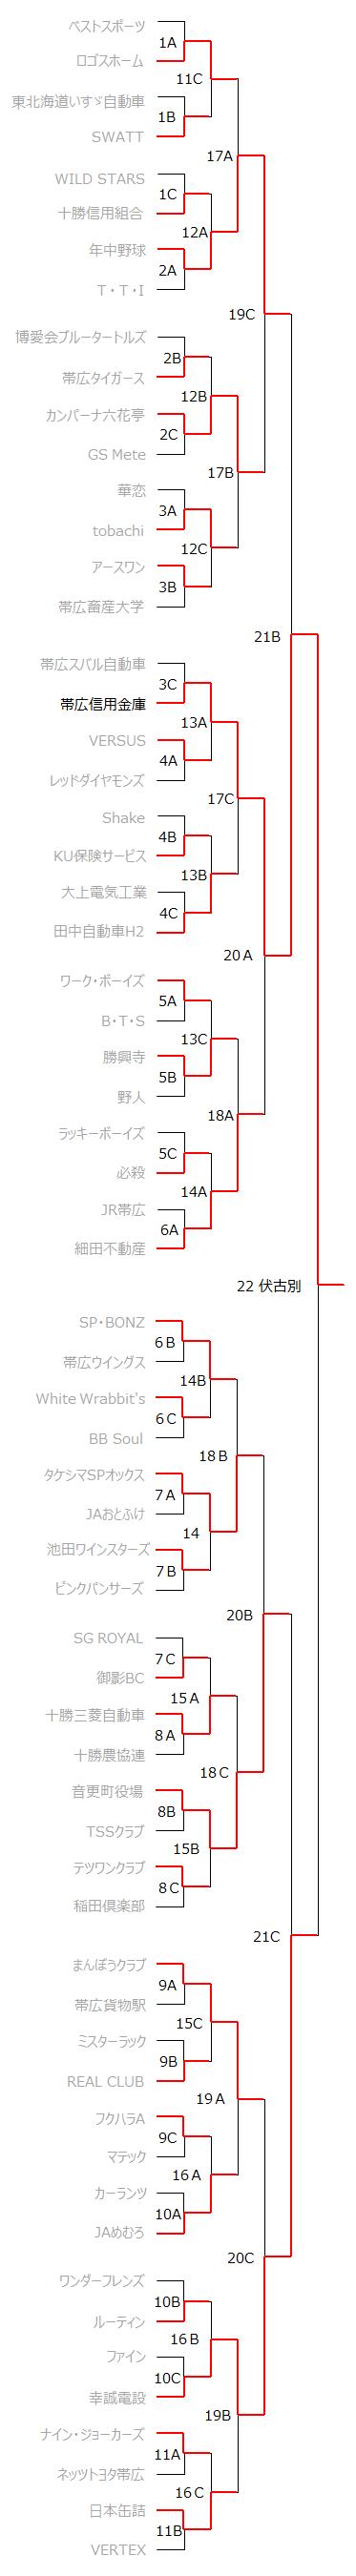 朝野球 第11回丸山杯 トーナメント表